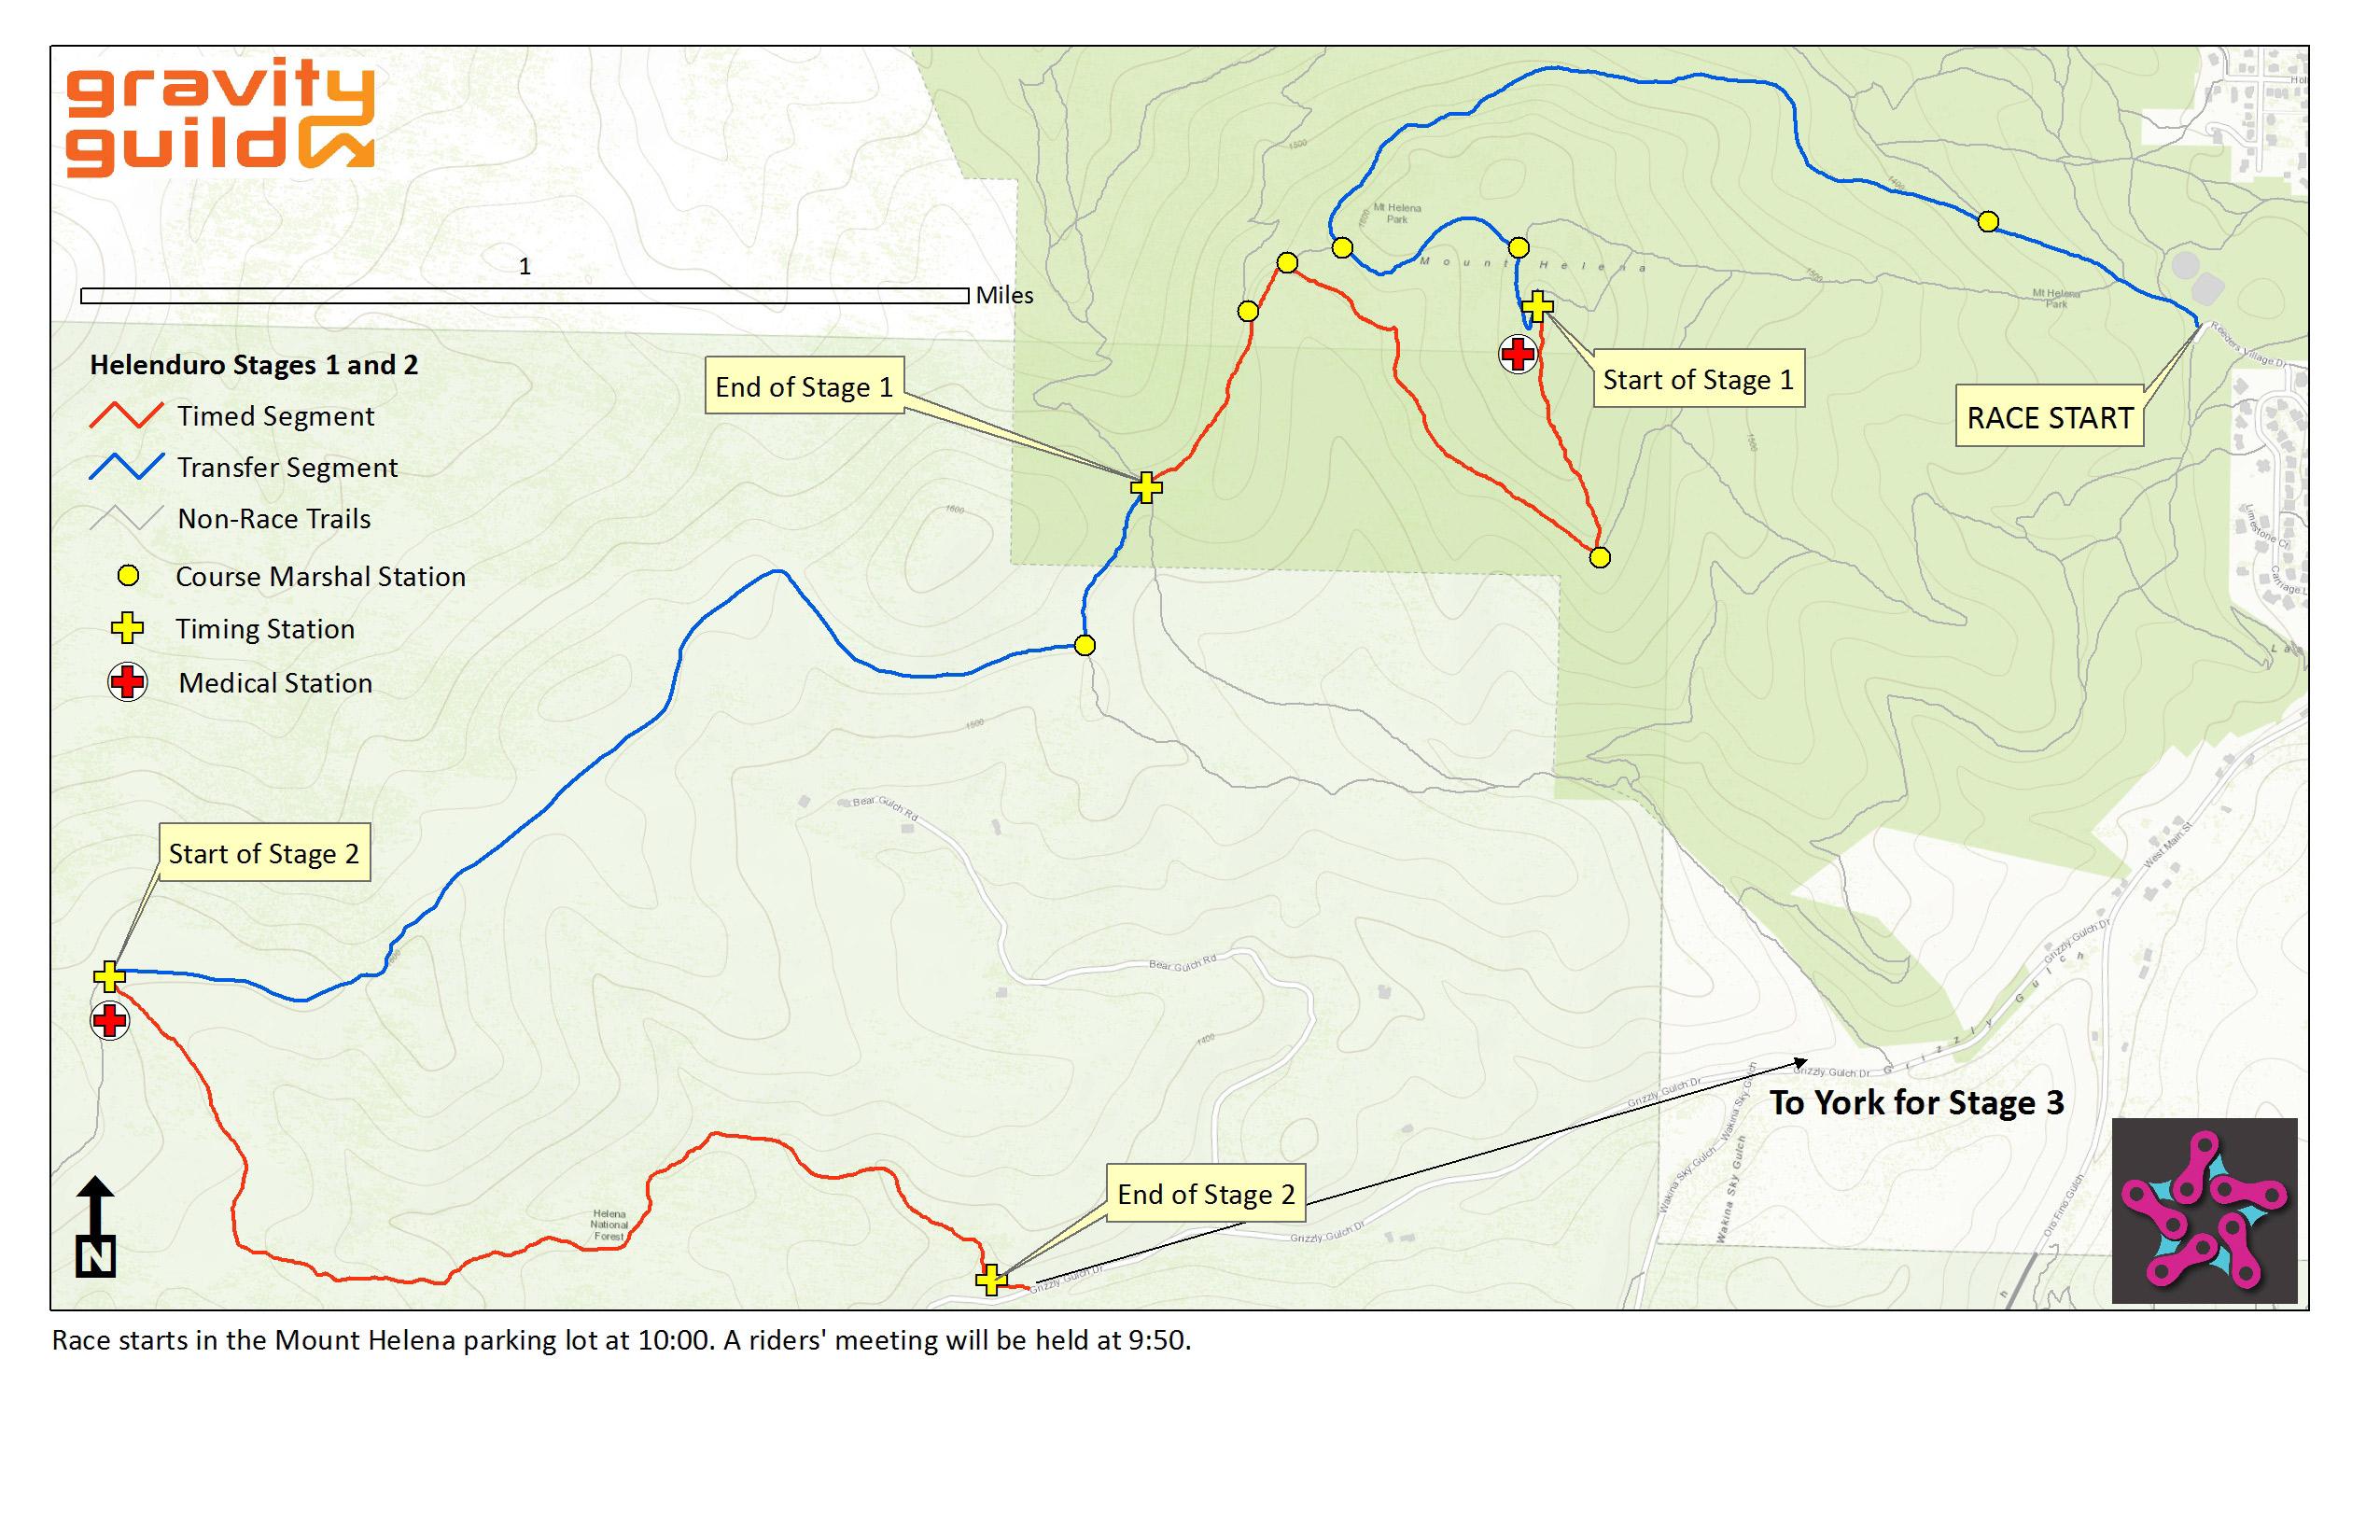 helenduro 2014 maps